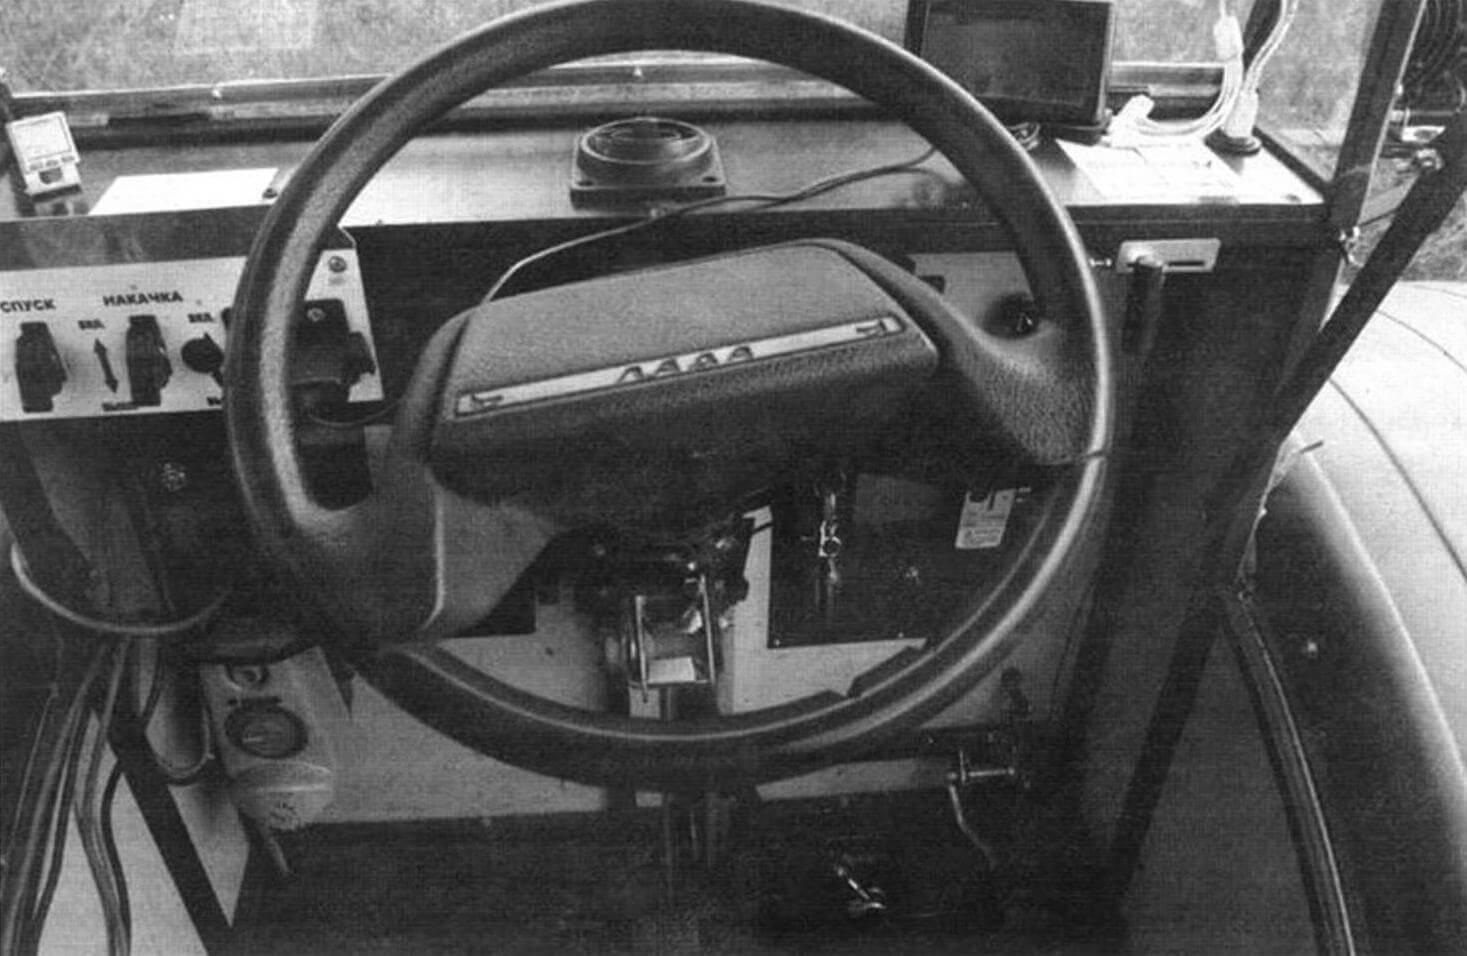 В нижнем левом углу видна помпа централизованной подкачки колес